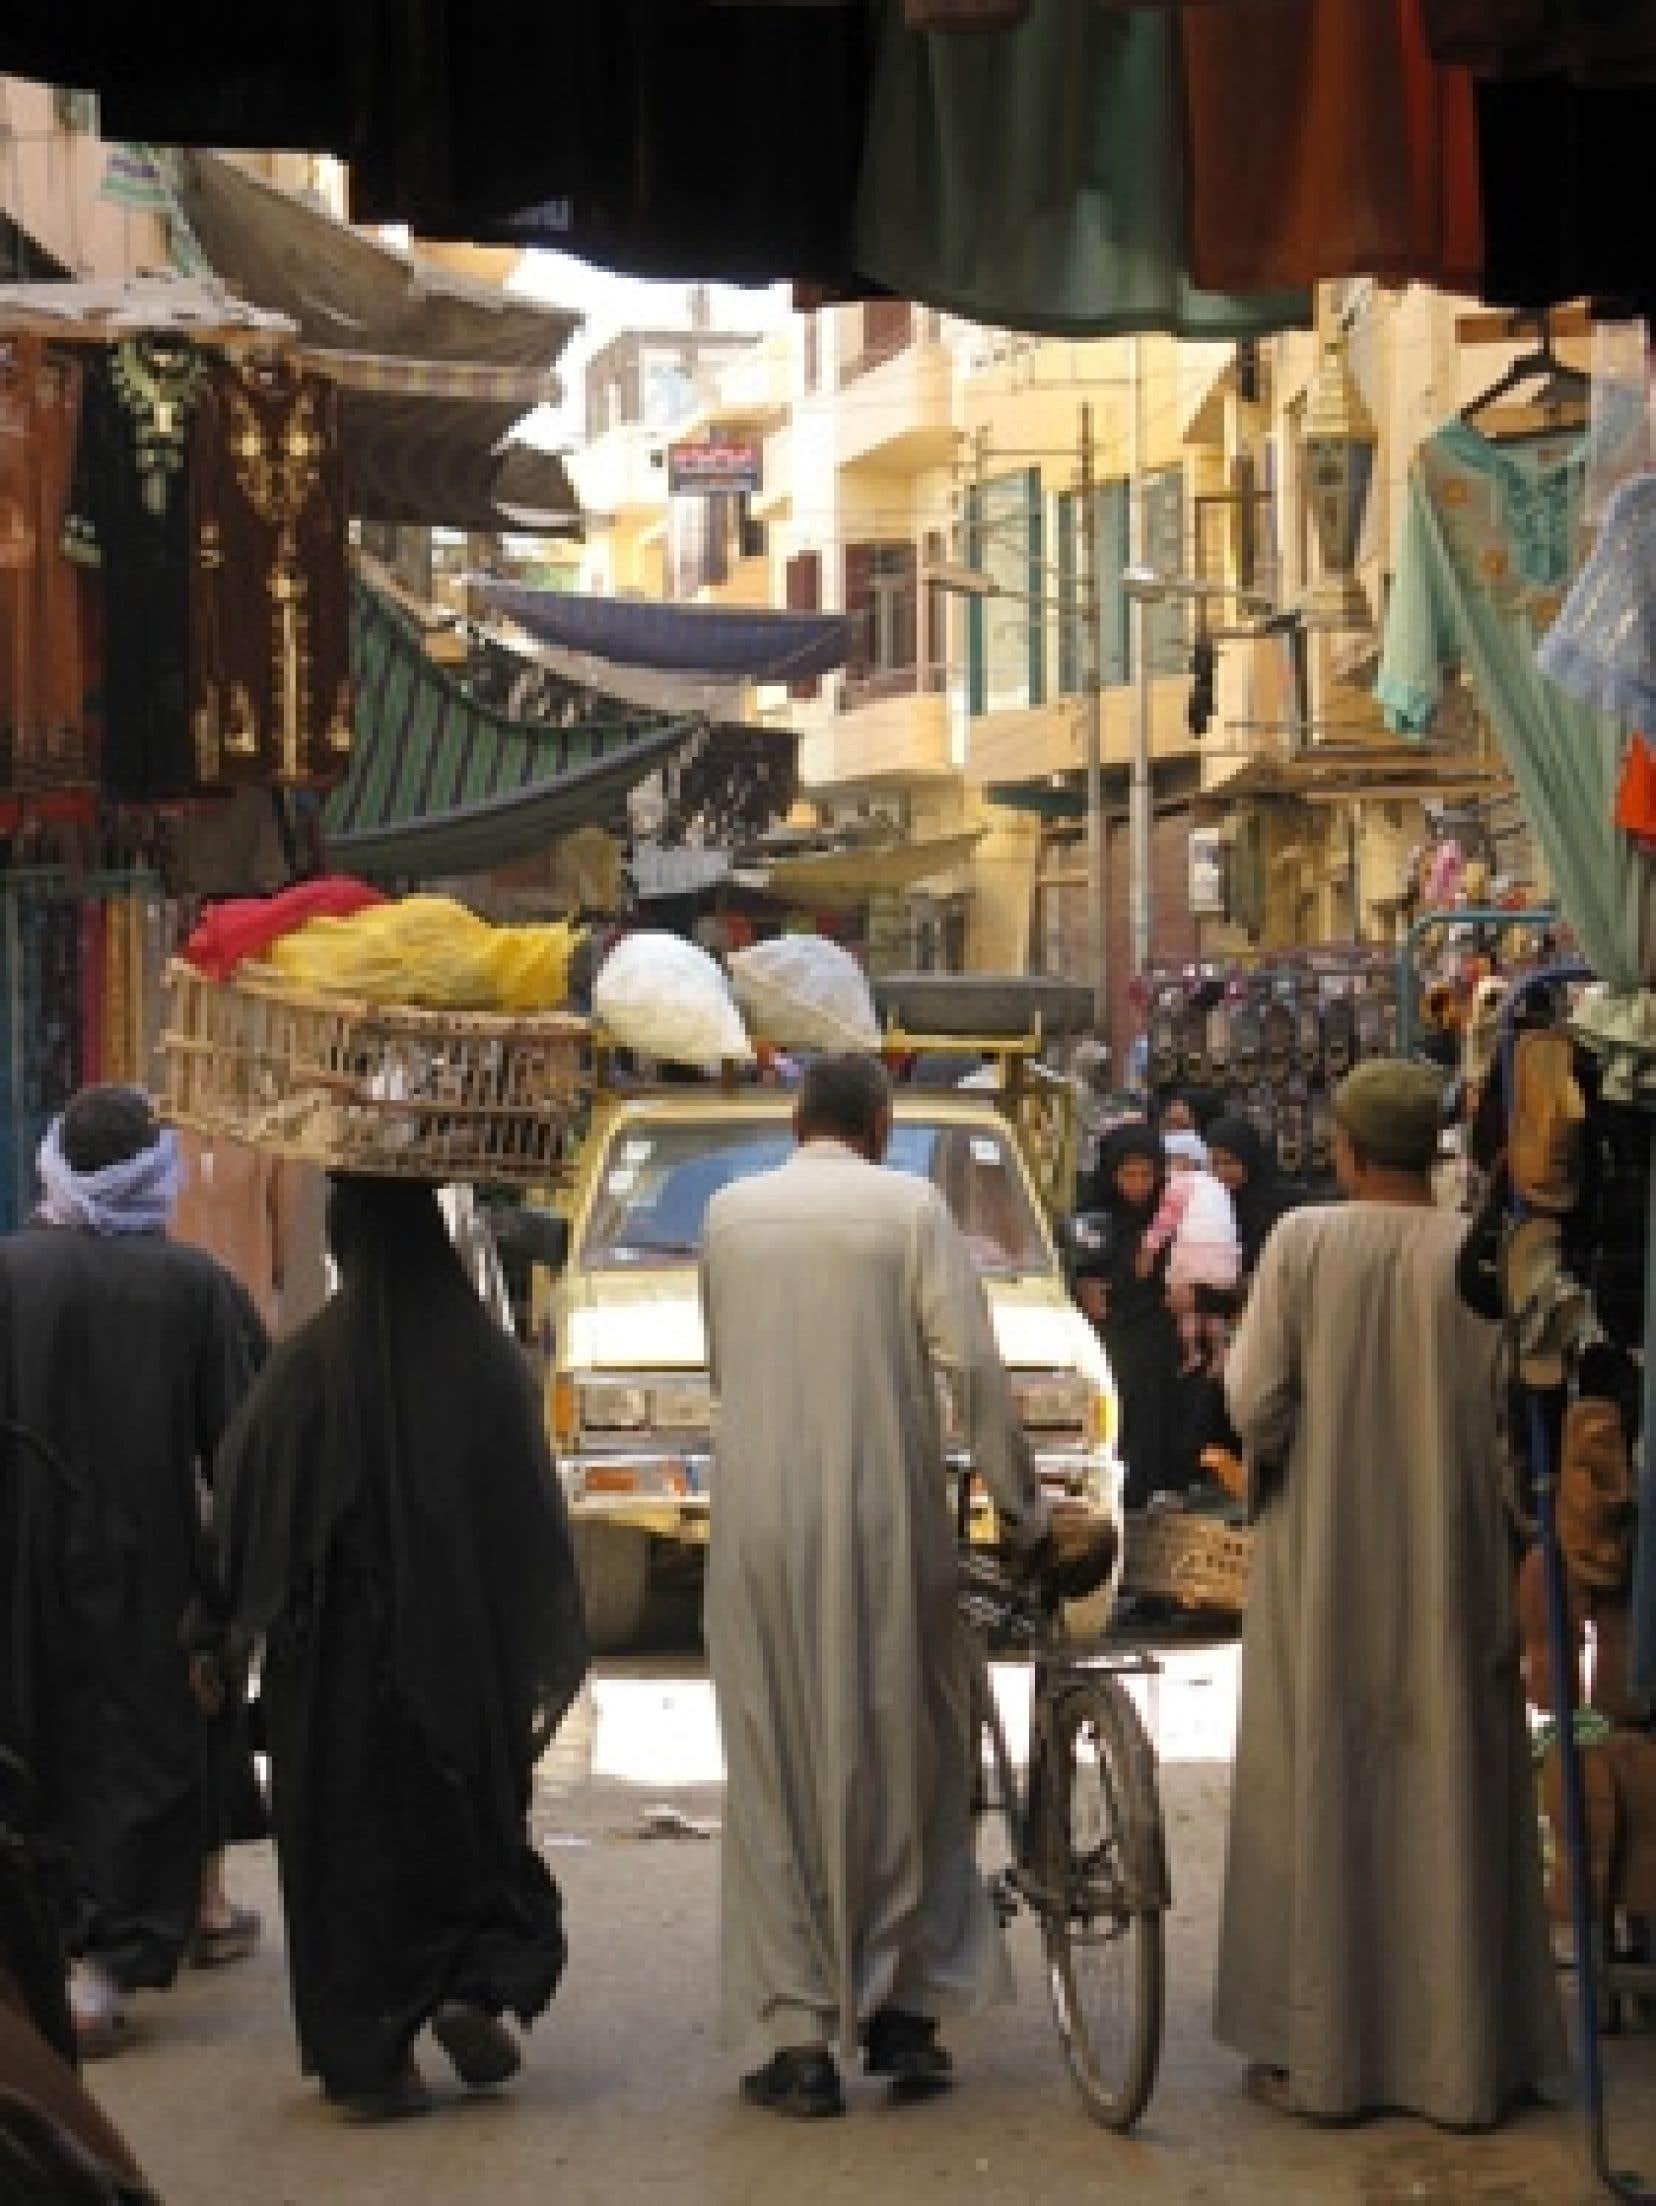 On peut se promener partout dans Le Caire, sur les grandes artères comme dans les ruelles, sans jamais ressentir ni peur ni malaise.